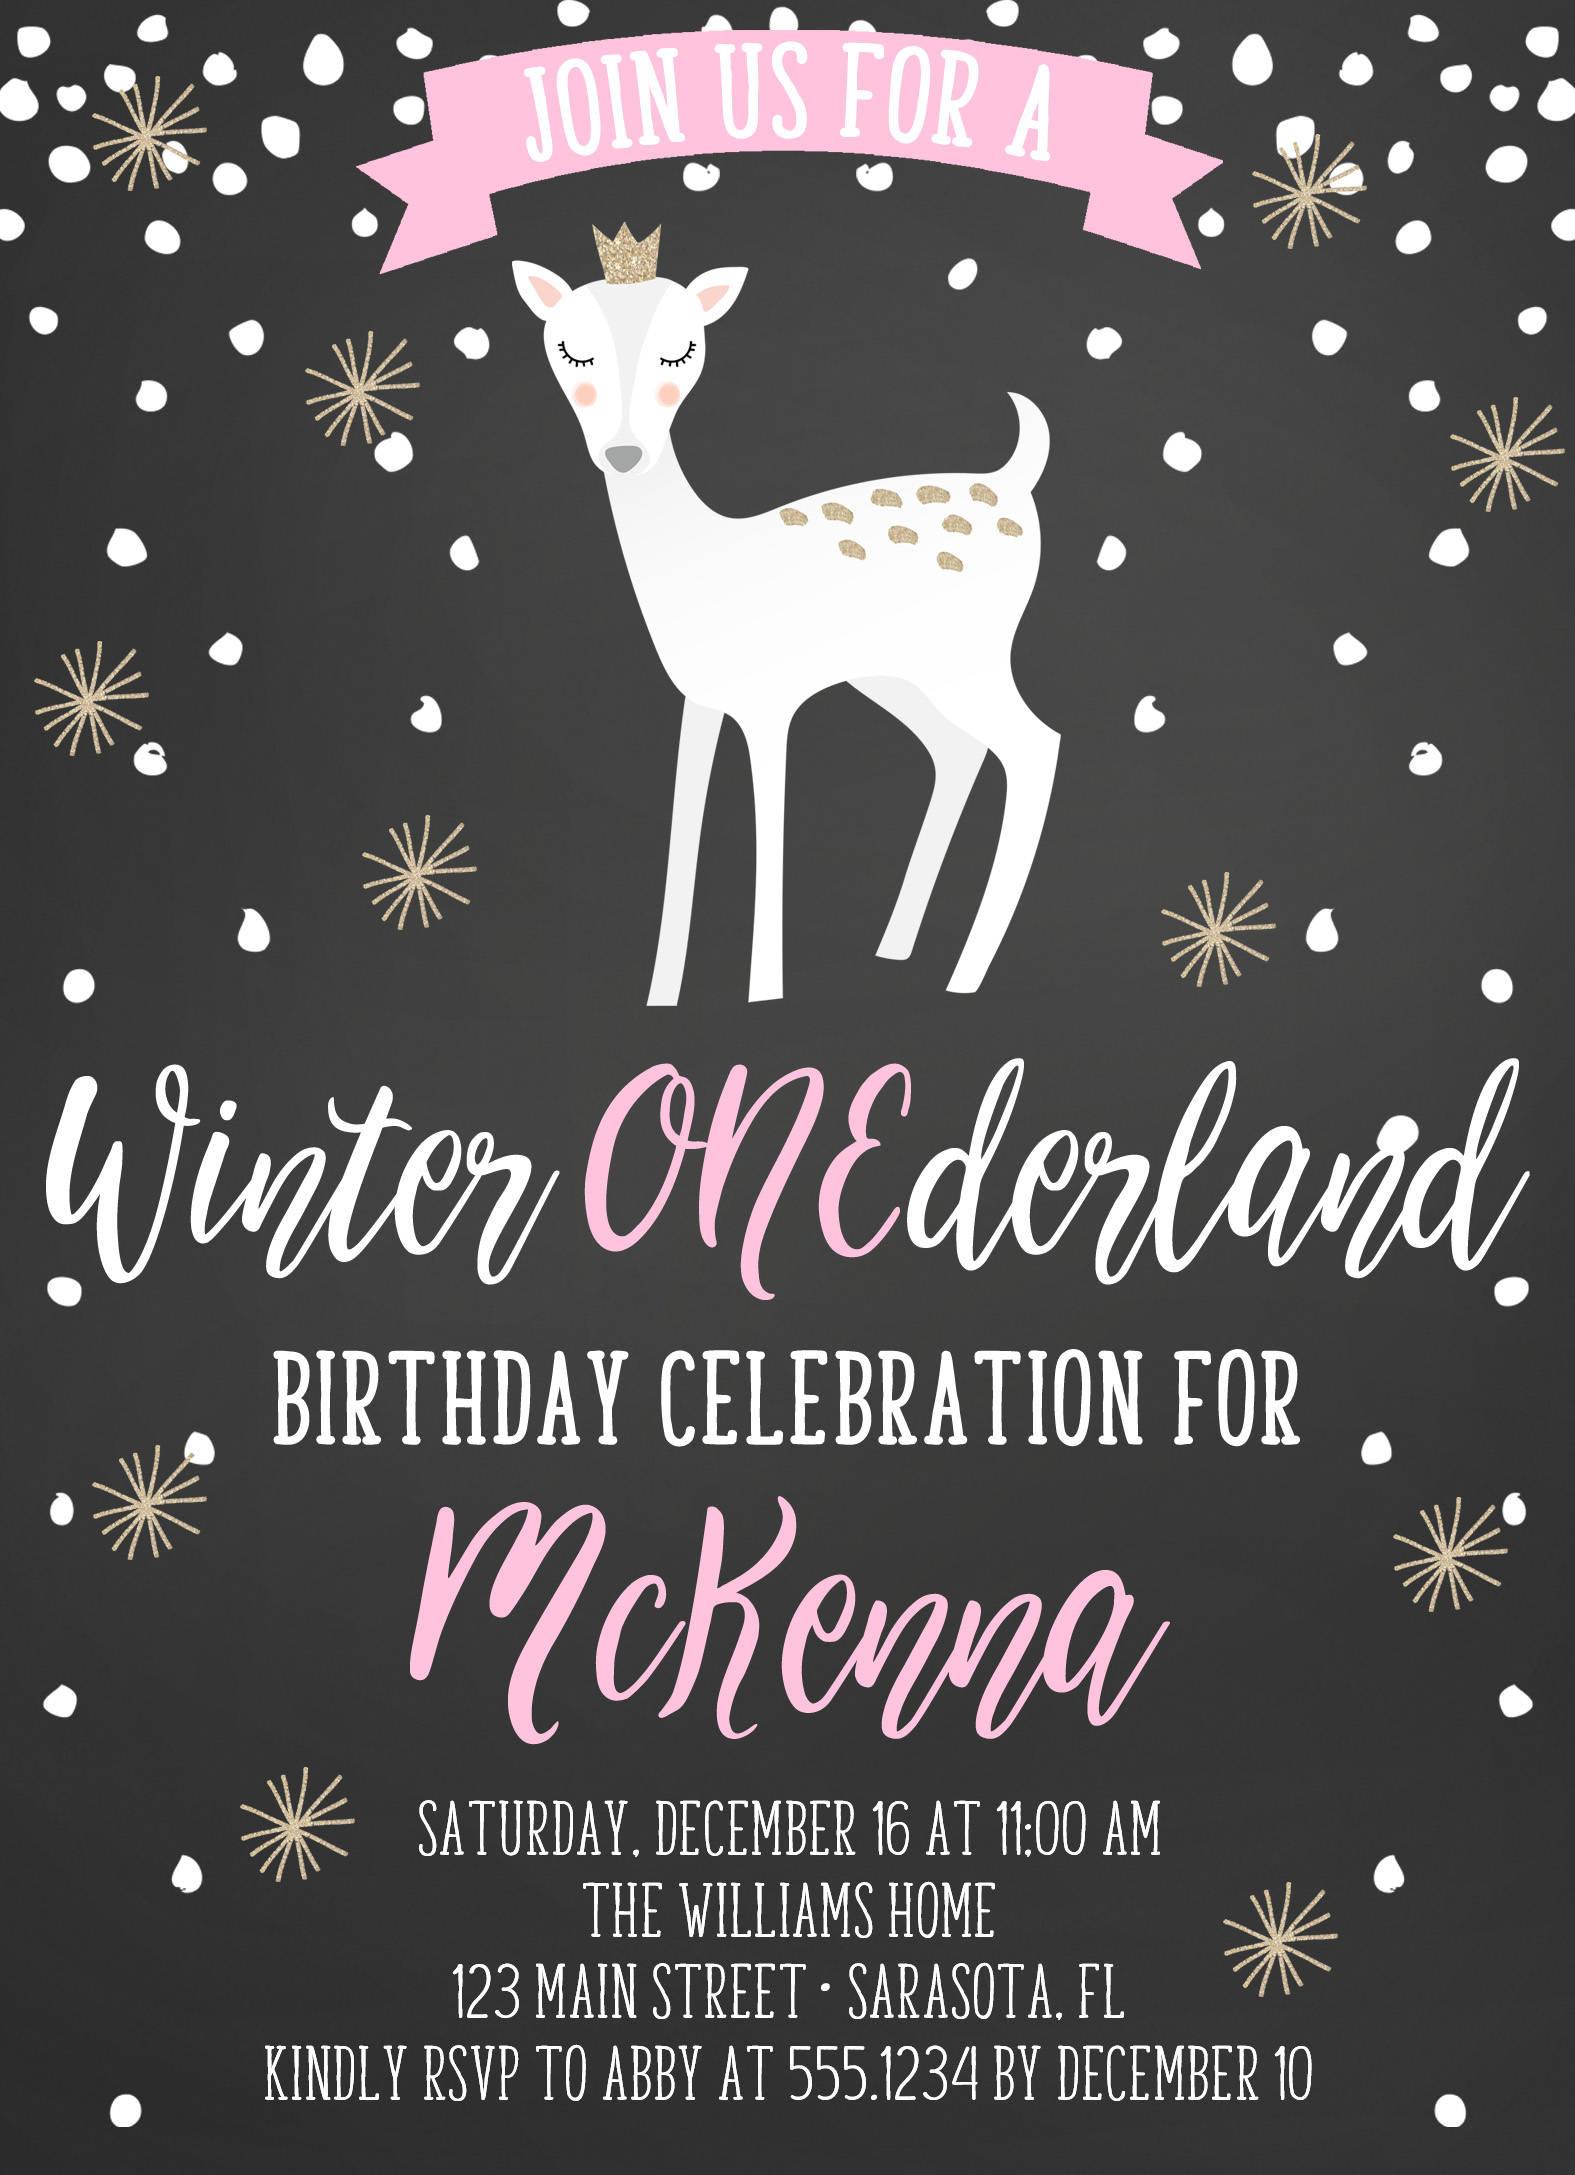 Winter Onederland Birthday Invitation, Winter Onederland Invite ...